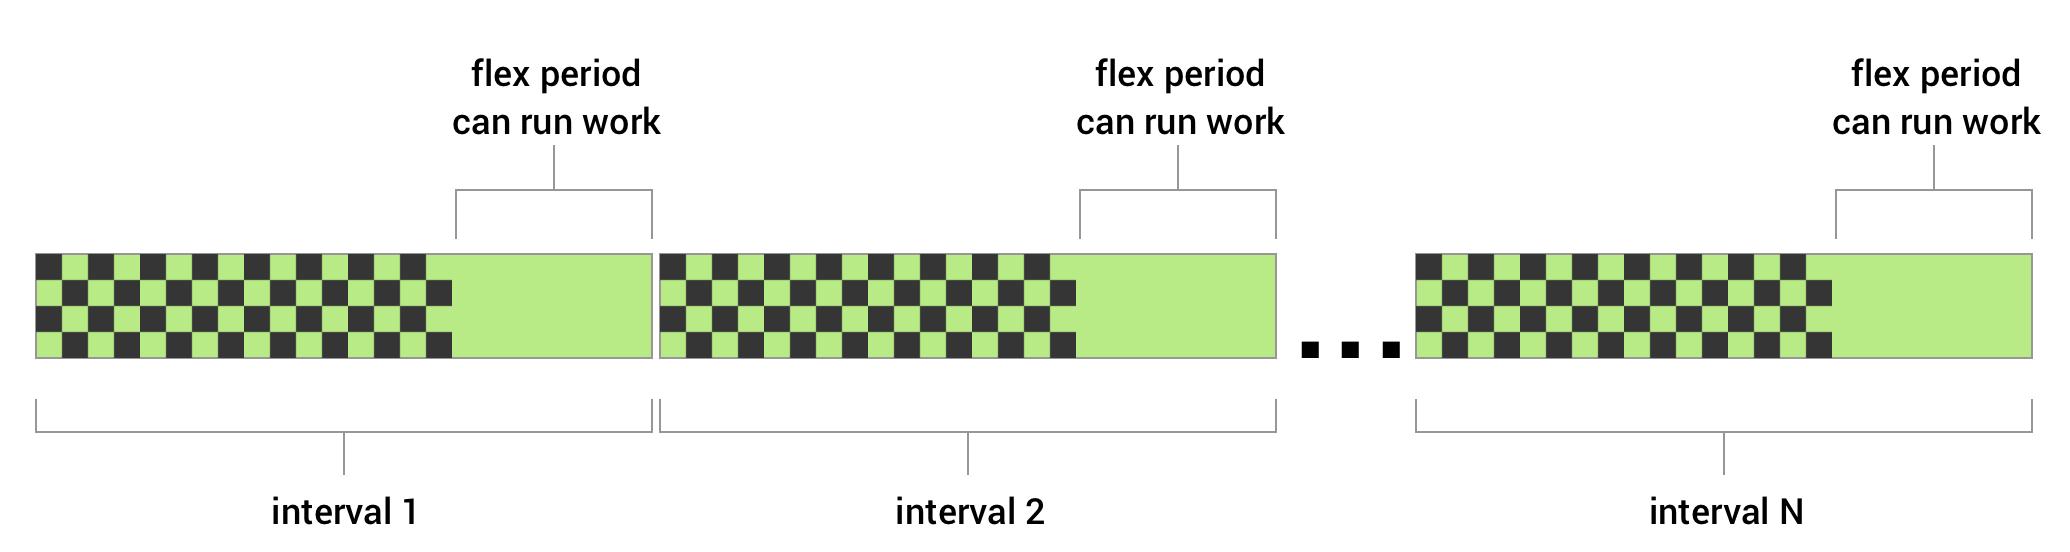 주기적 작업에 가변 간격을 설정할 수 있습니다. 반복 간격과 반복 간격 끝에서 특정 시간을 지정하는 가변 간격을 정의합니다. WorkManager에서는 주기마다 가변 간격 중 특정 시점에 작업 실행을 시도합니다.